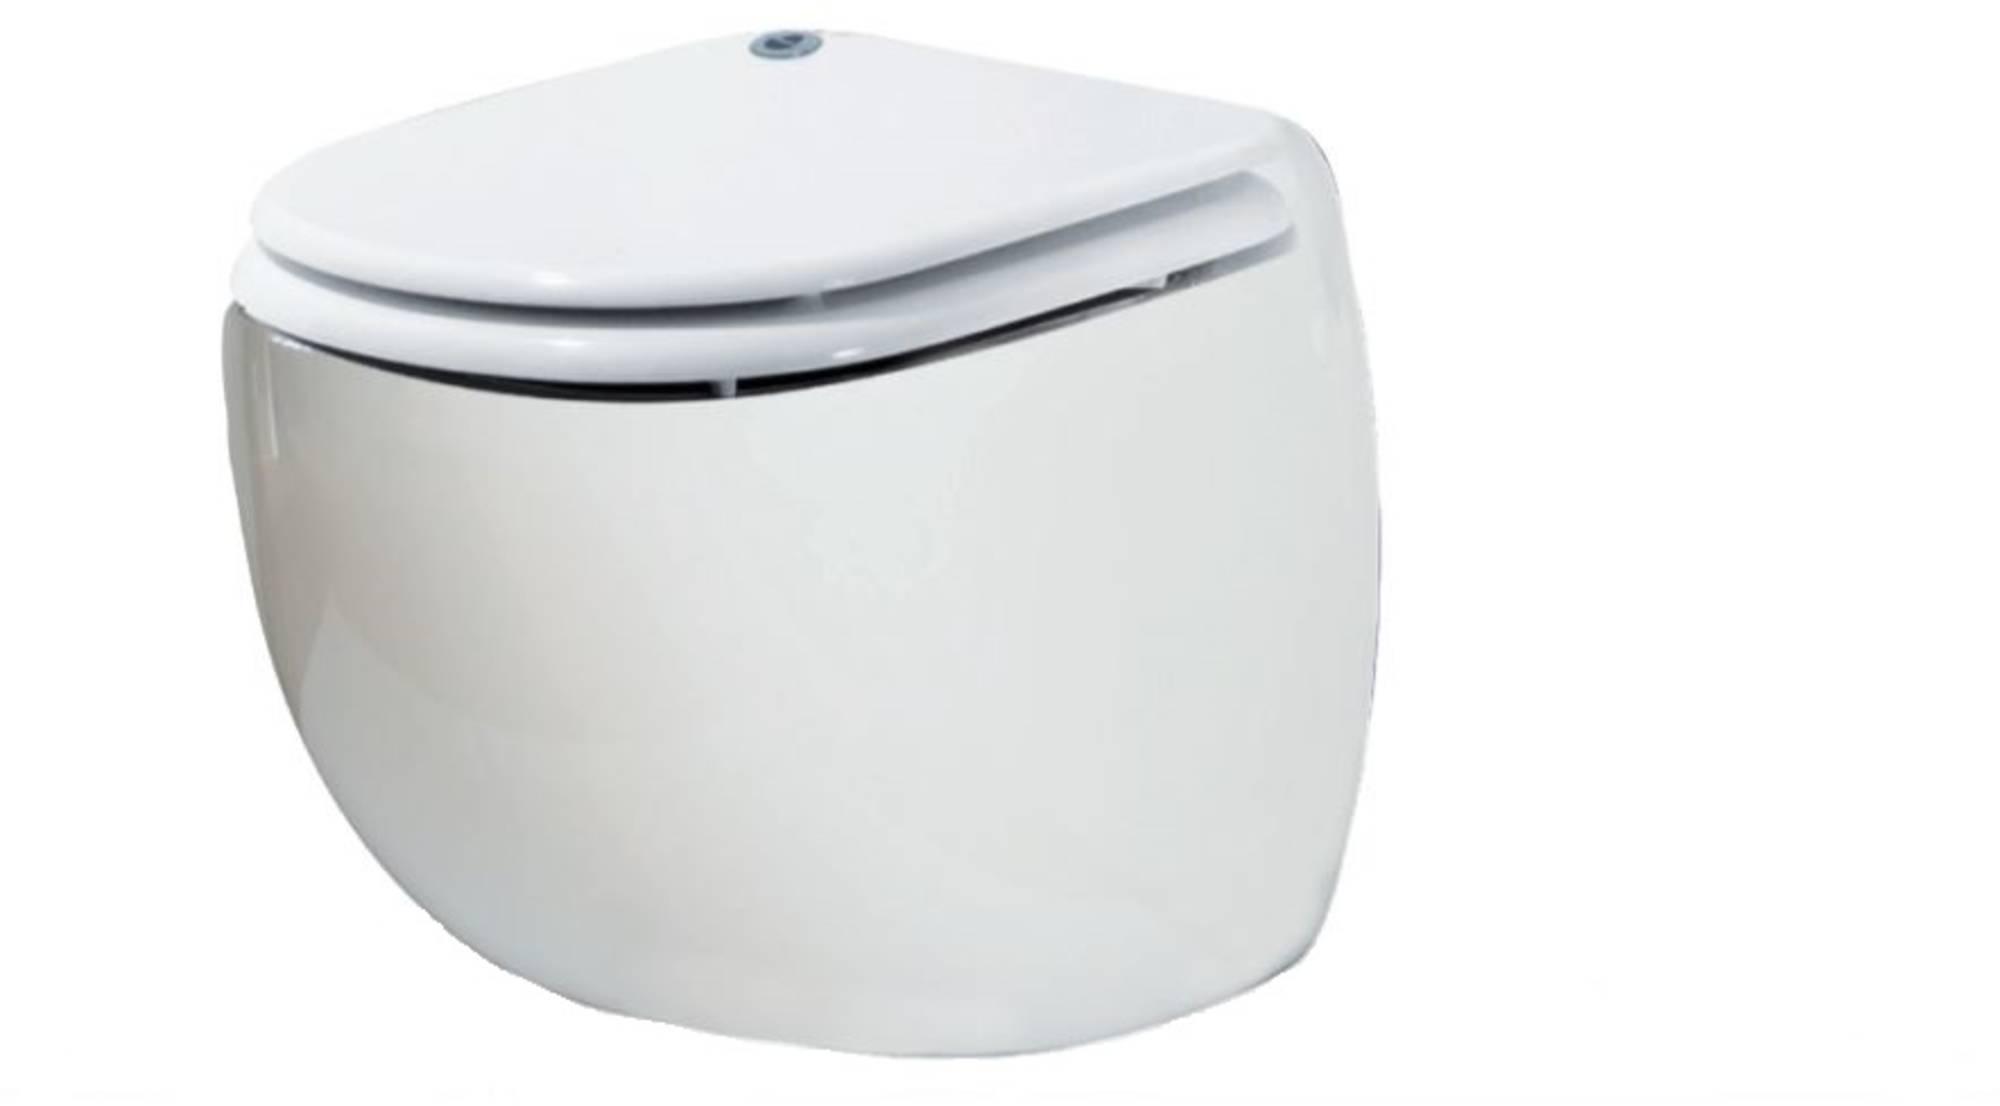 Productafbeelding van Sanibroyeur Sanicompact comfort eco closet met faecalienvermaler m/zitting Wit